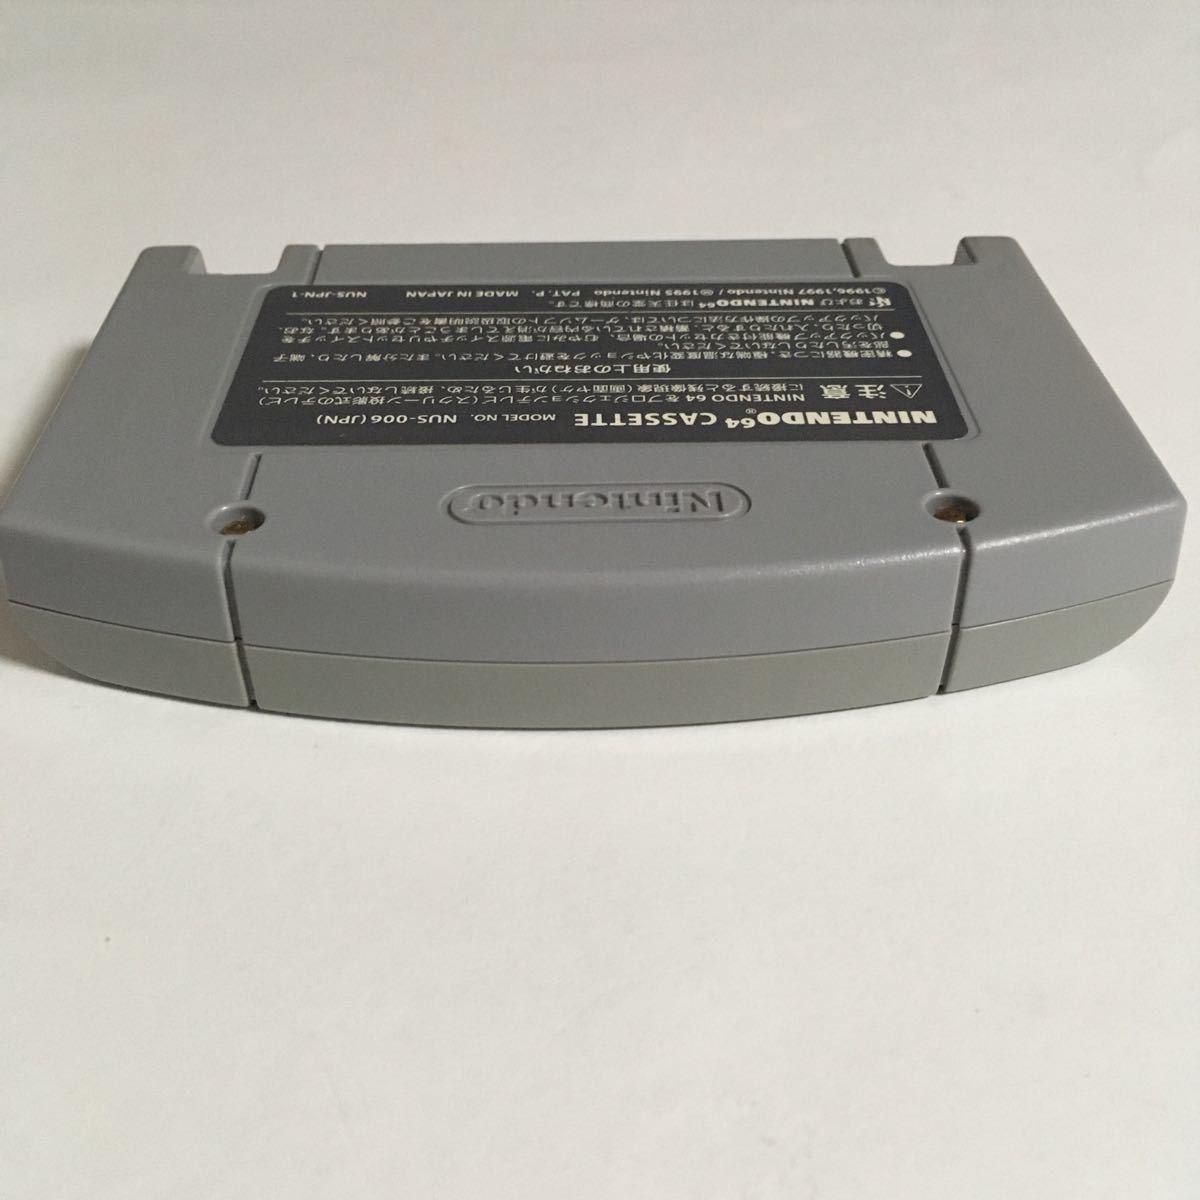 ニンテンドー64 ソフト ウェットリス 動作確認済み レトロ ゲーム カセット